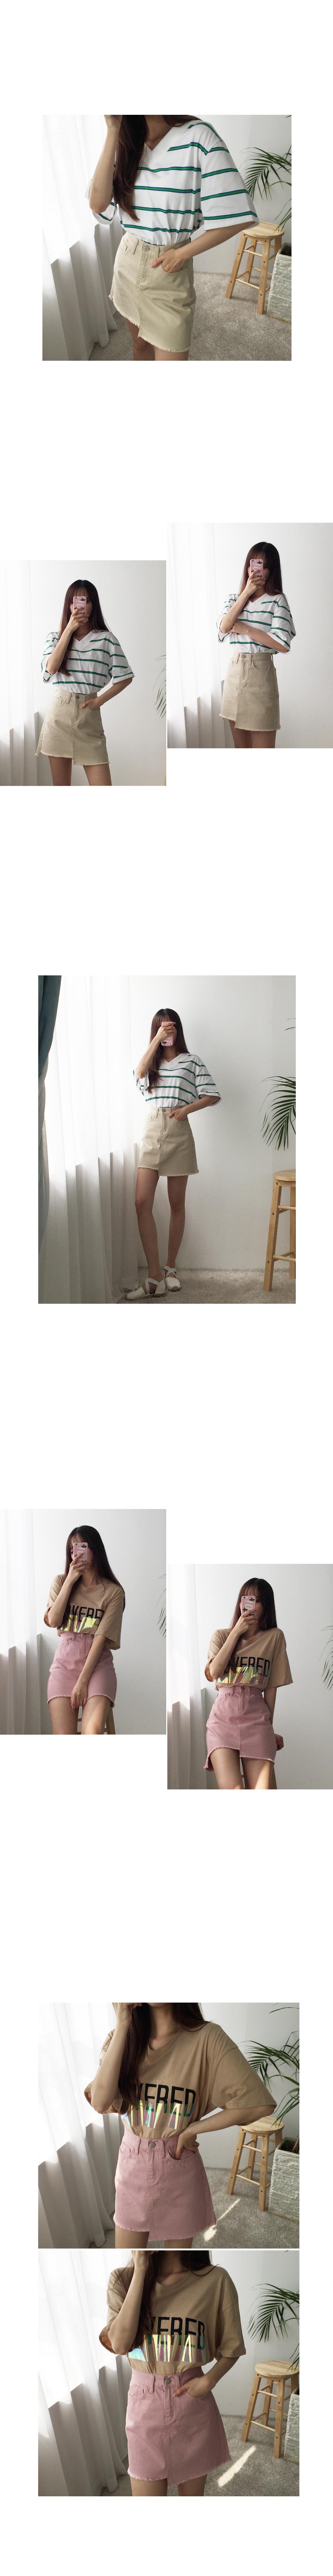 Donts skirt